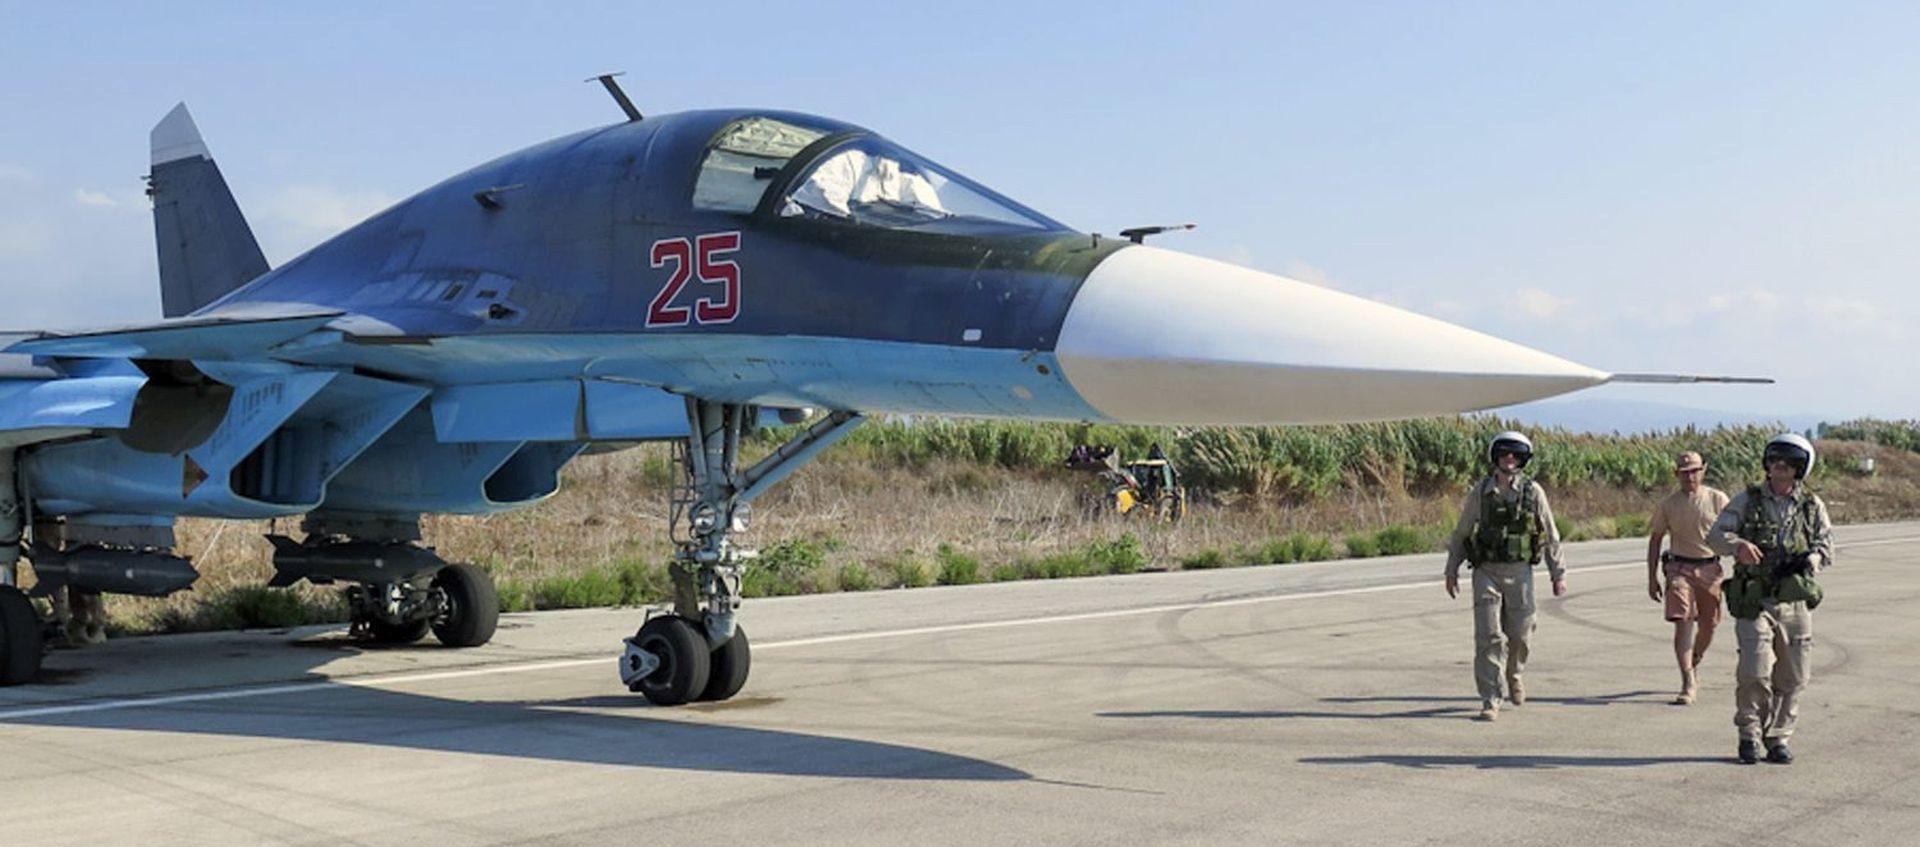 WASHINGTON SUMNJA NA RUSE Turska srušila neidentificirani dron u turskom zračnom prostoru